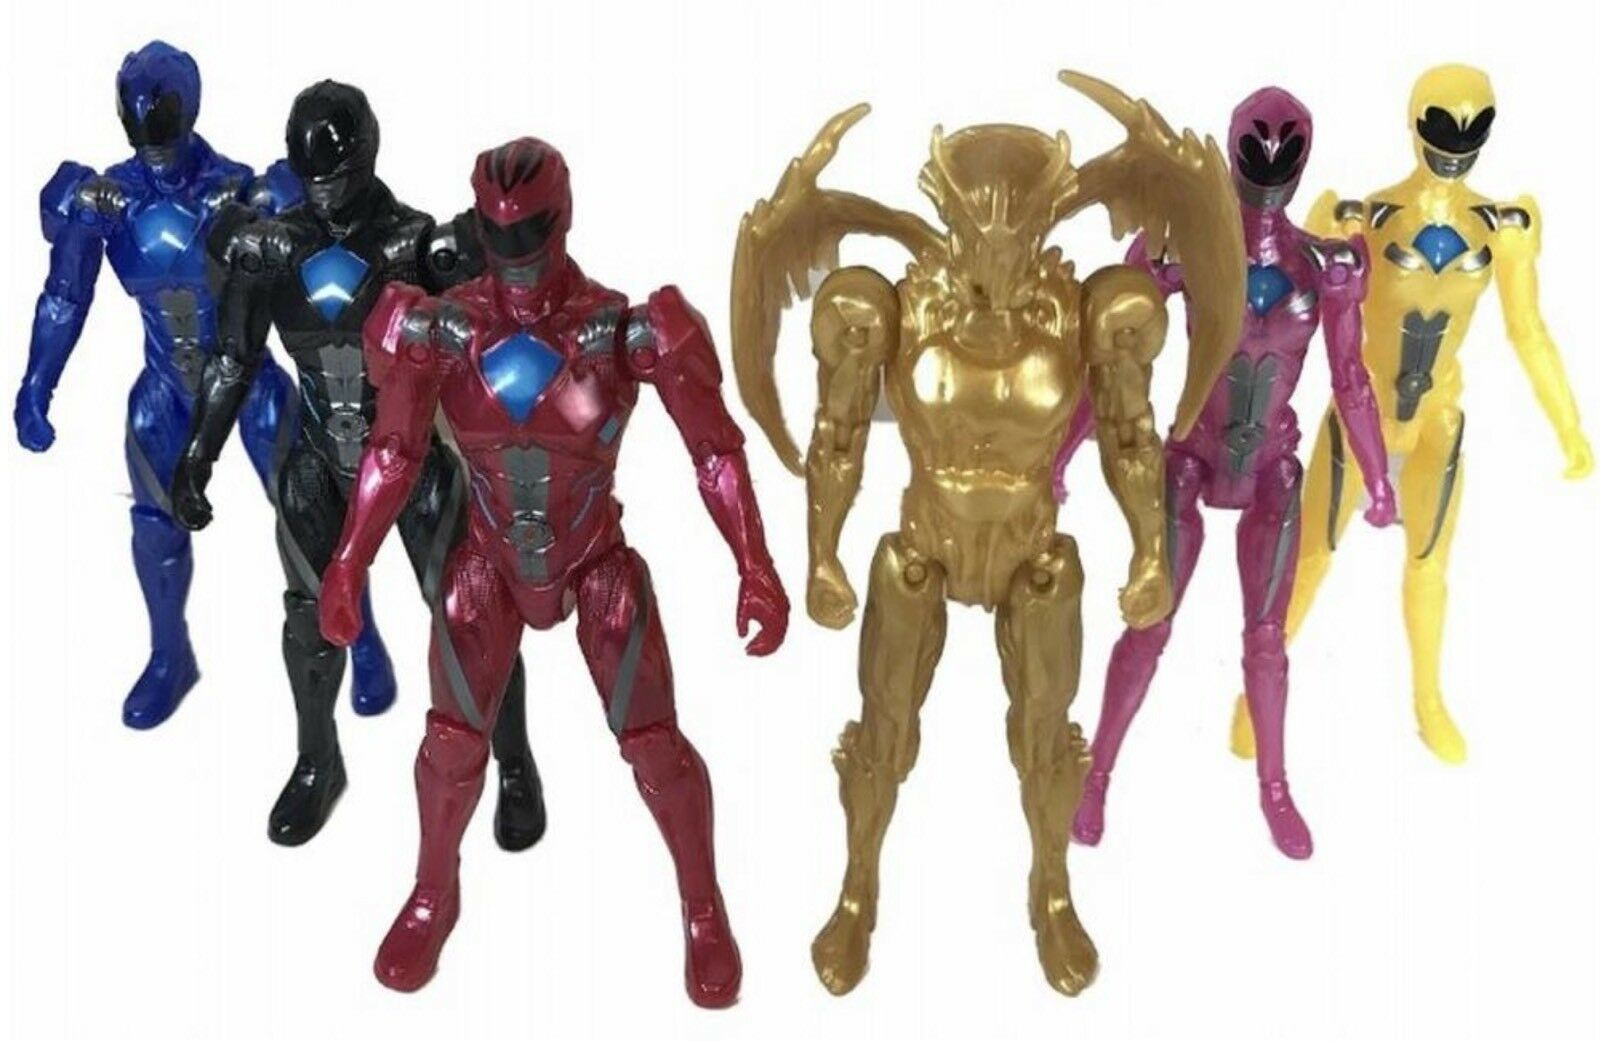 Power Rangers Team 6-Piece Action Figure Set With Exclusive Metallic Goldar New